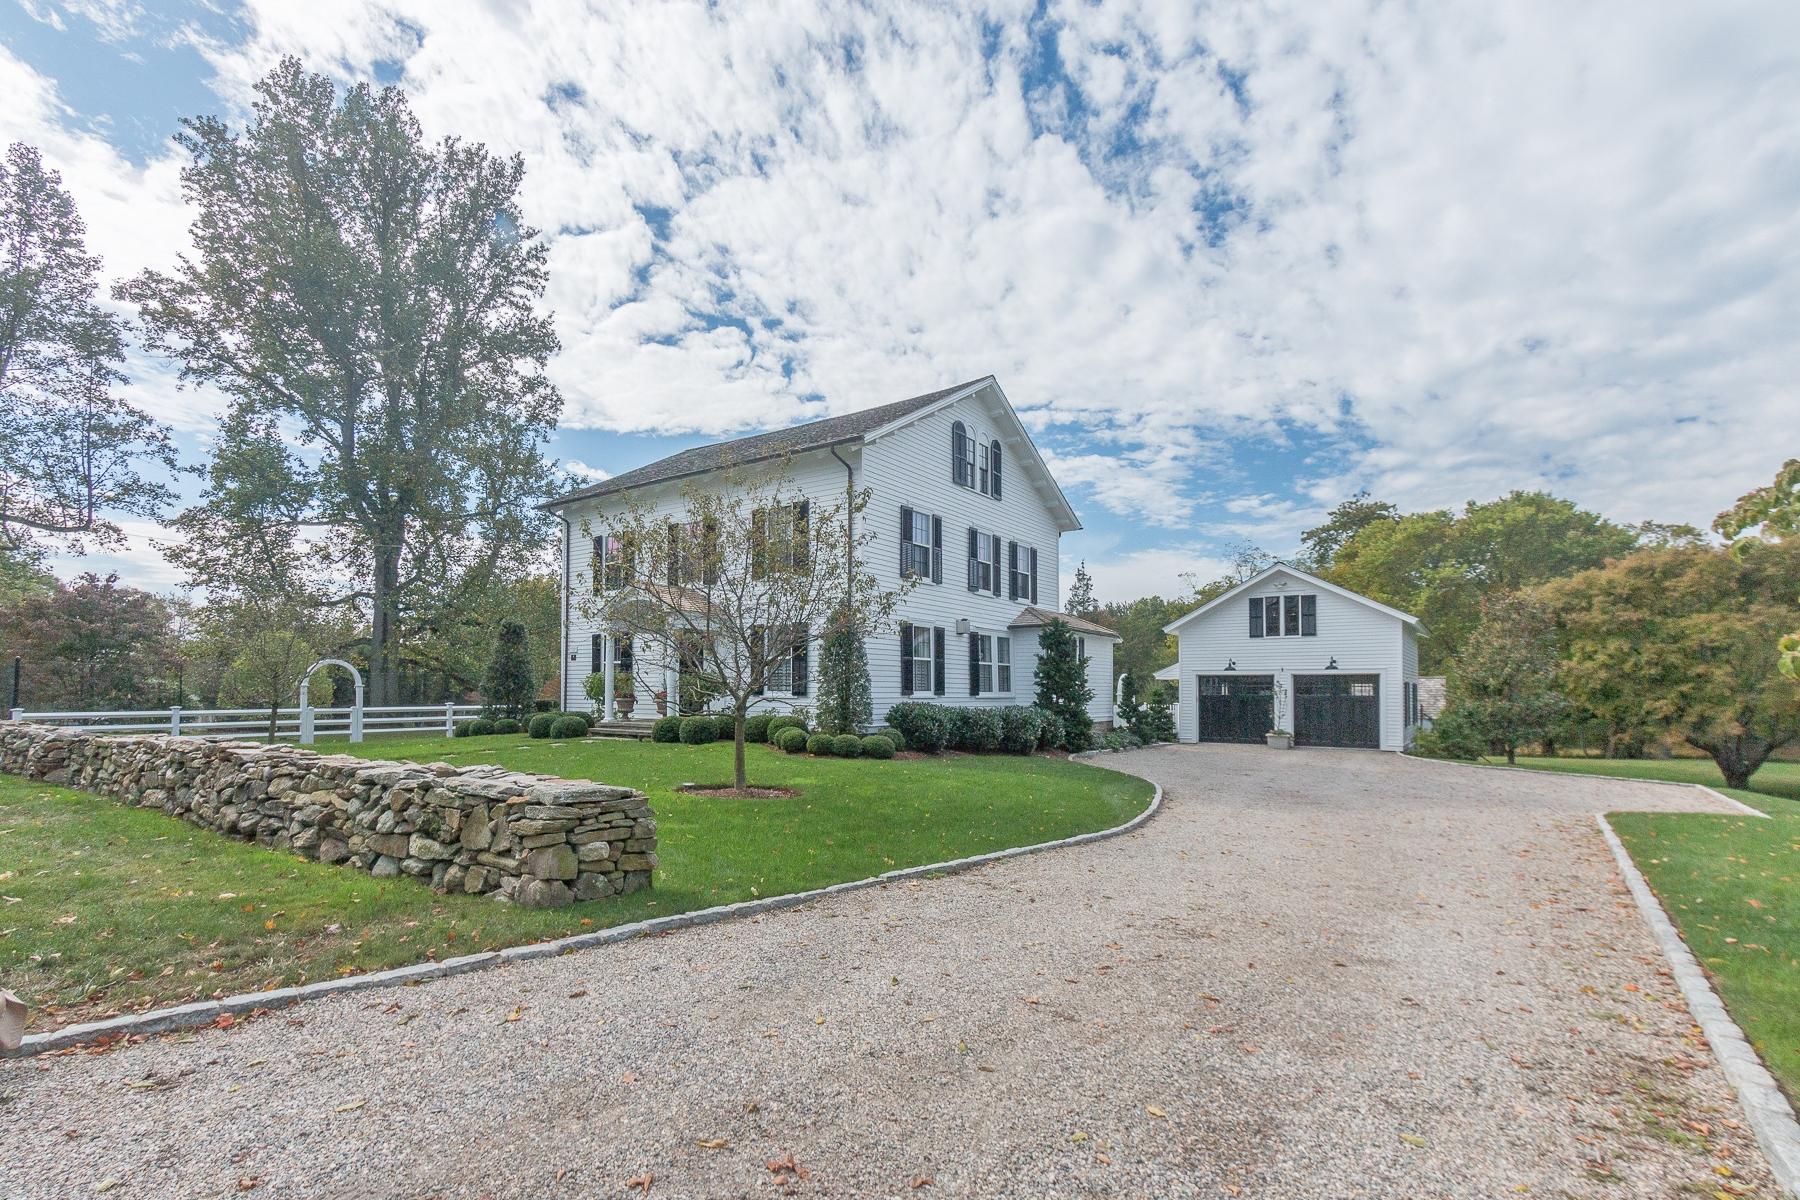 Maison unifamiliale pour l Vente à Bucolic Setting 825 Mill Hill Road, Southport, Fairfield, Connecticut, 06890 États-Unis